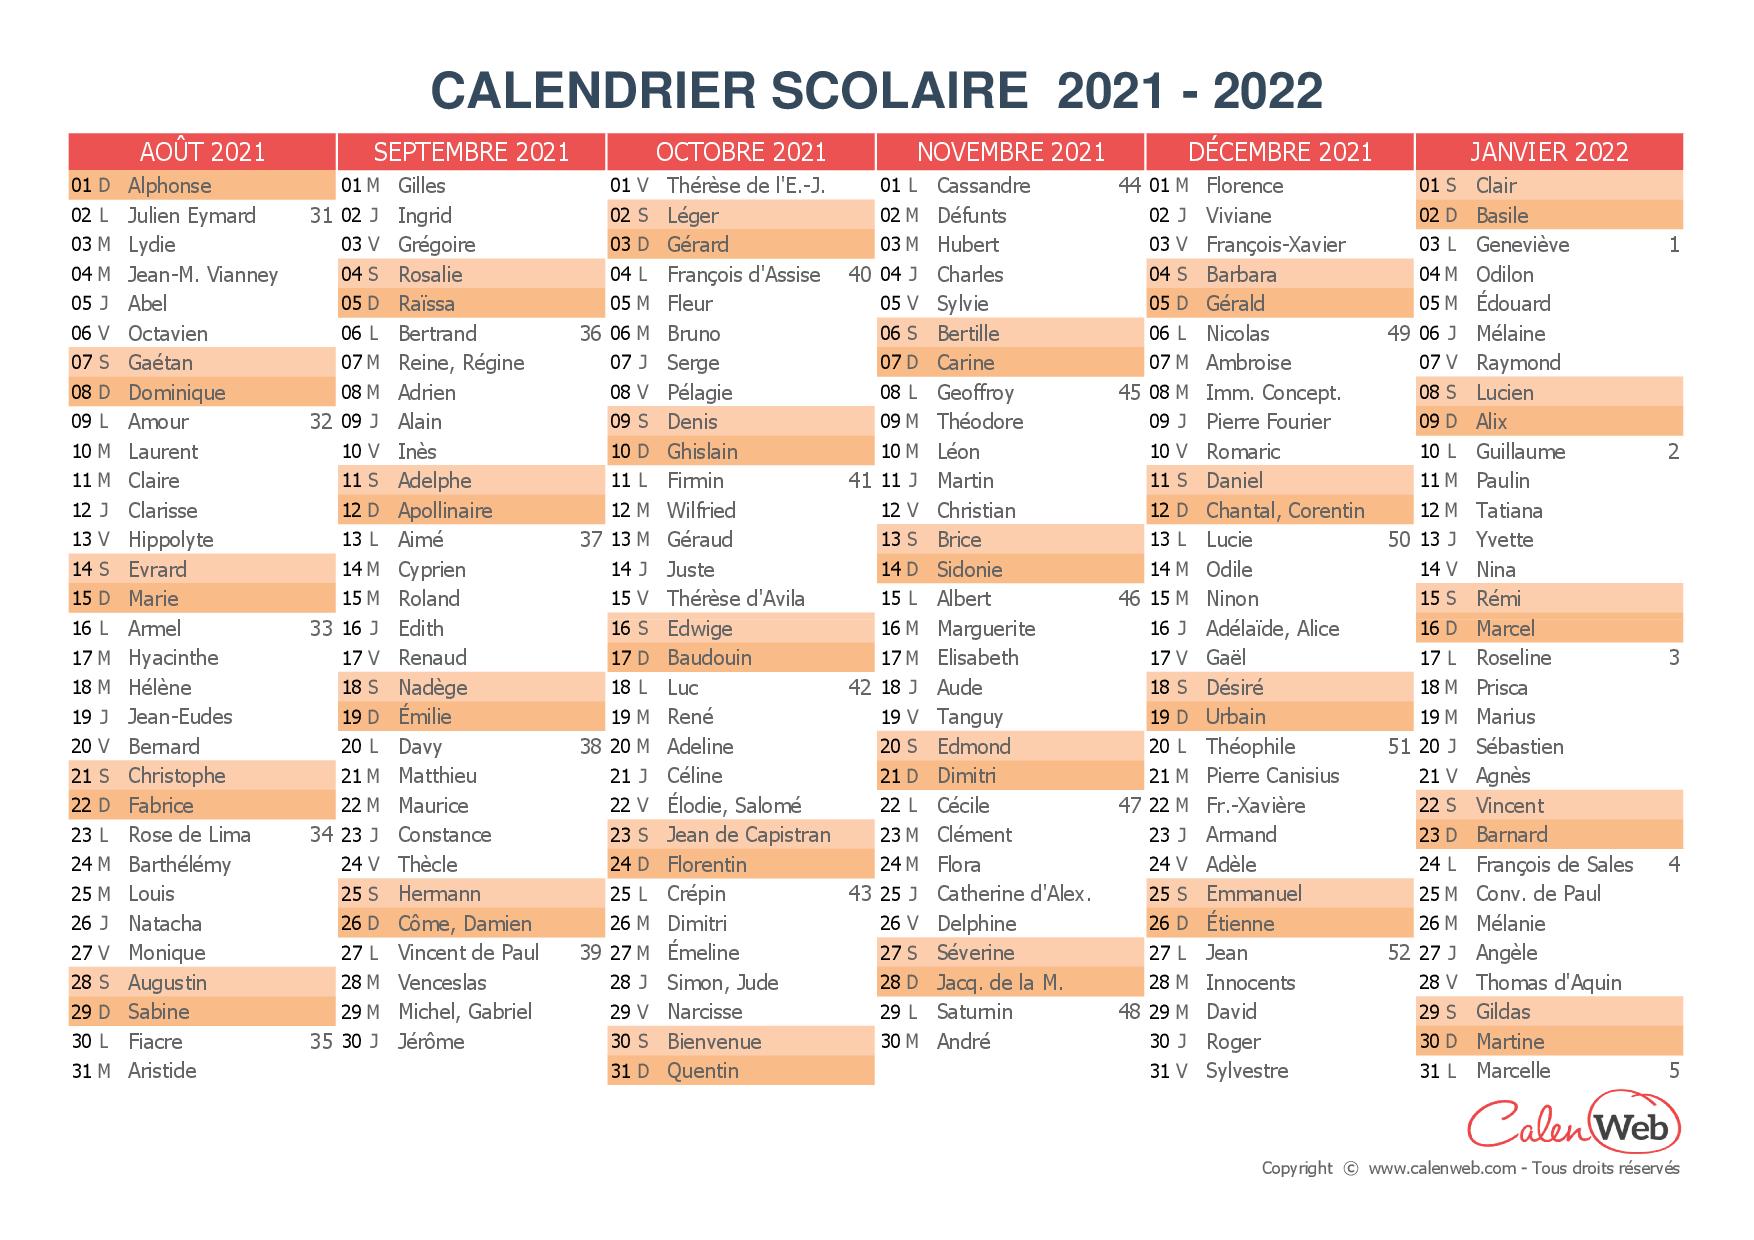 Calendrier Fêtes 2022 Calendrier scolaire semestriel 2021 2022 avec affichage des fêtes